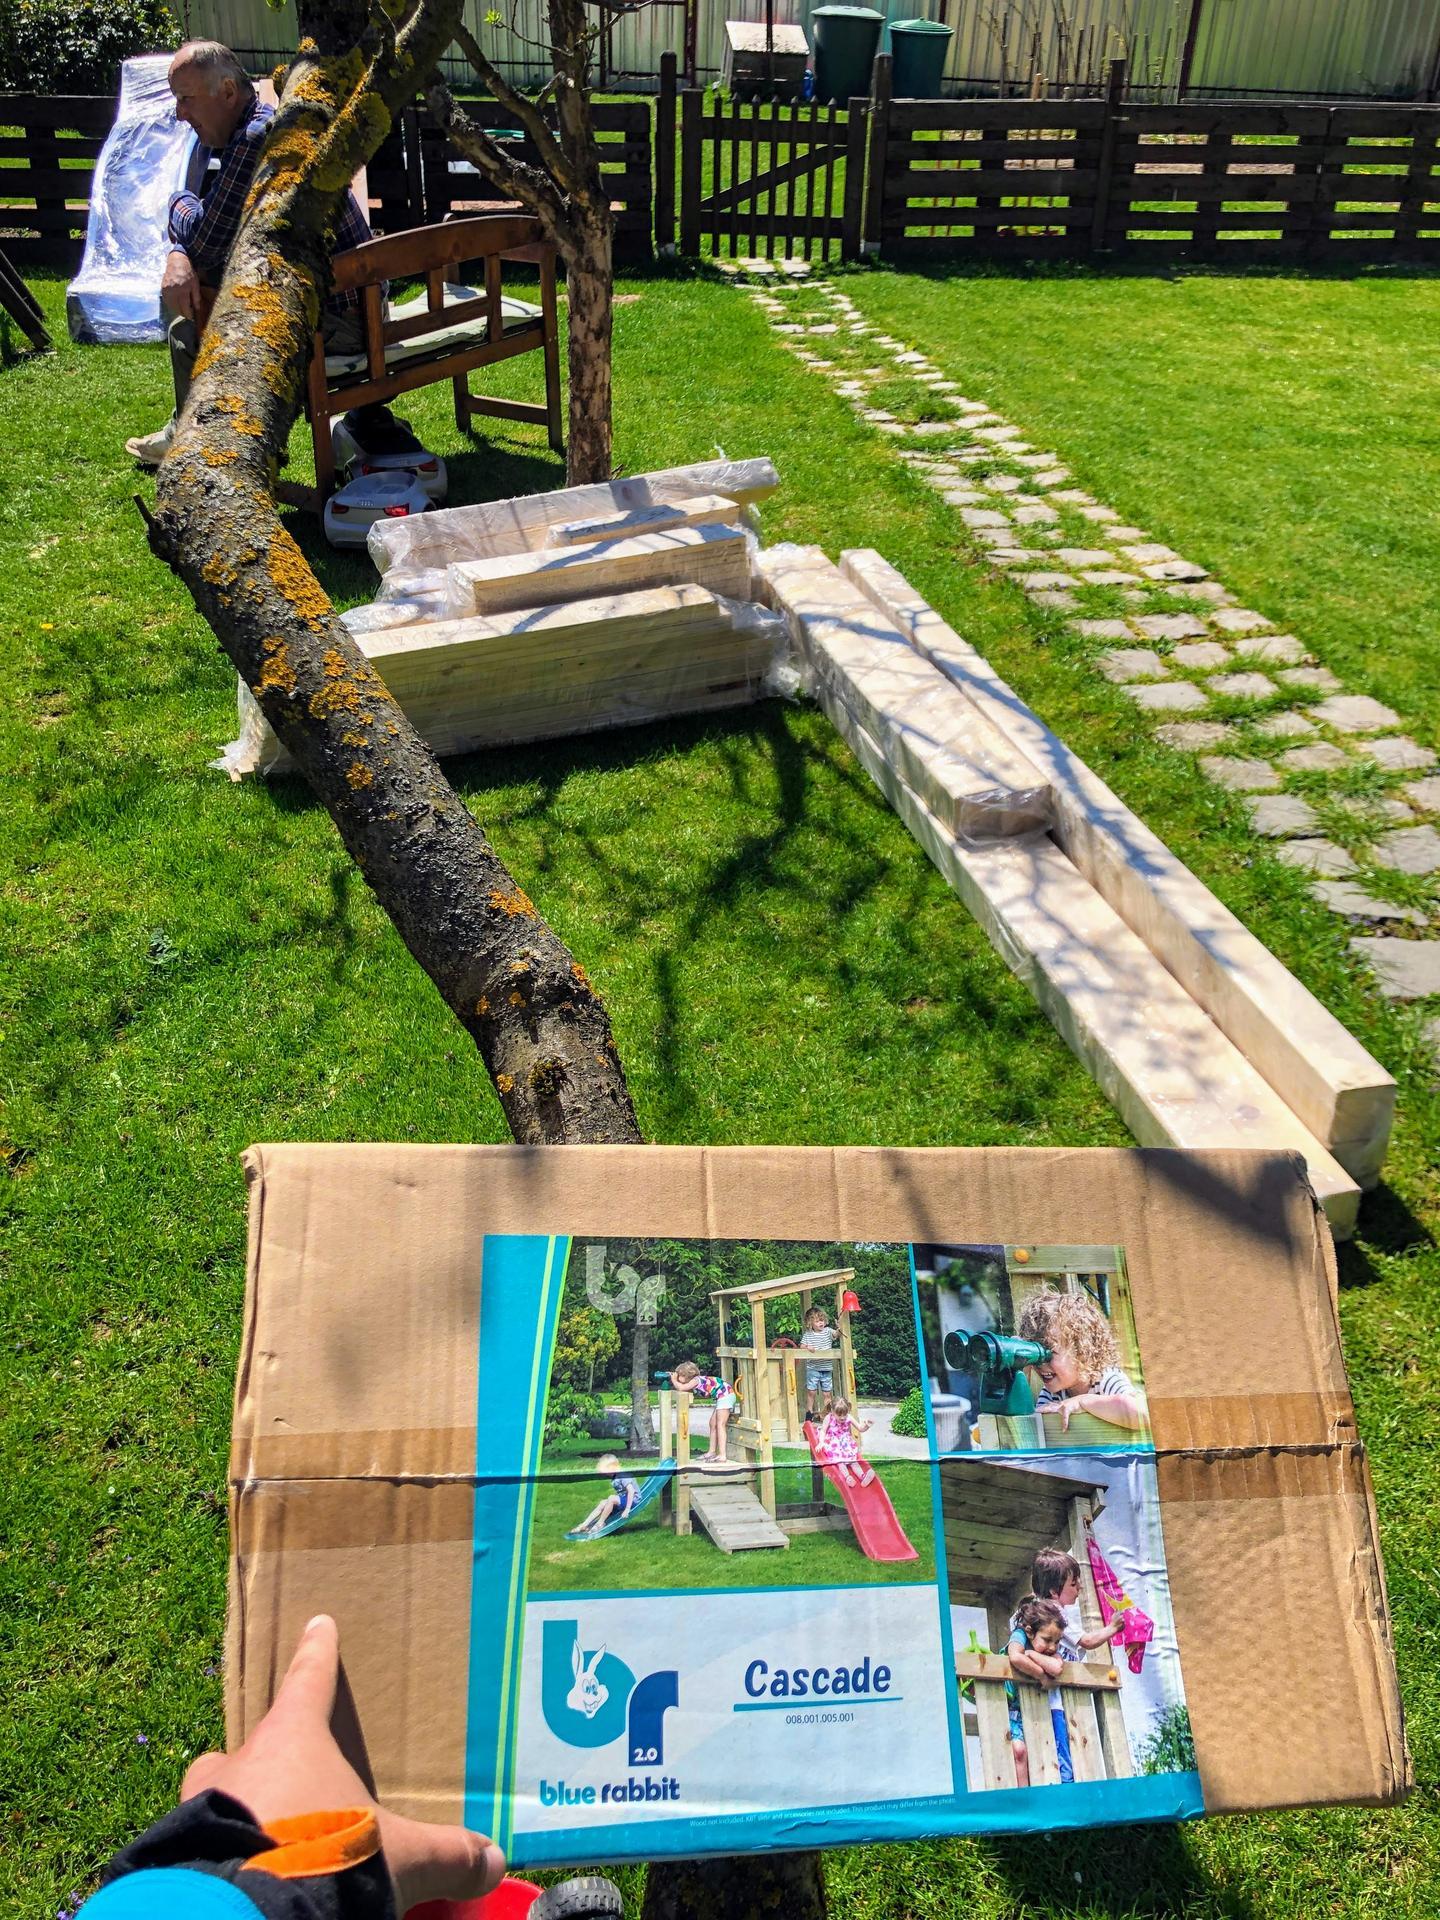 Zahrada a upravy okolo domu - Novy projekt. Hladal som nieco kvalitnejsie nie tie cinske odpady . Objednane z preliezkovo.sk vyrobene v belgicku kvalitna praca, kvalitne drevo,kvalitne spojove materialy, v baleni komplexny navod + prekvapivo, nasady na vrtaky,zemne skrutky atd.